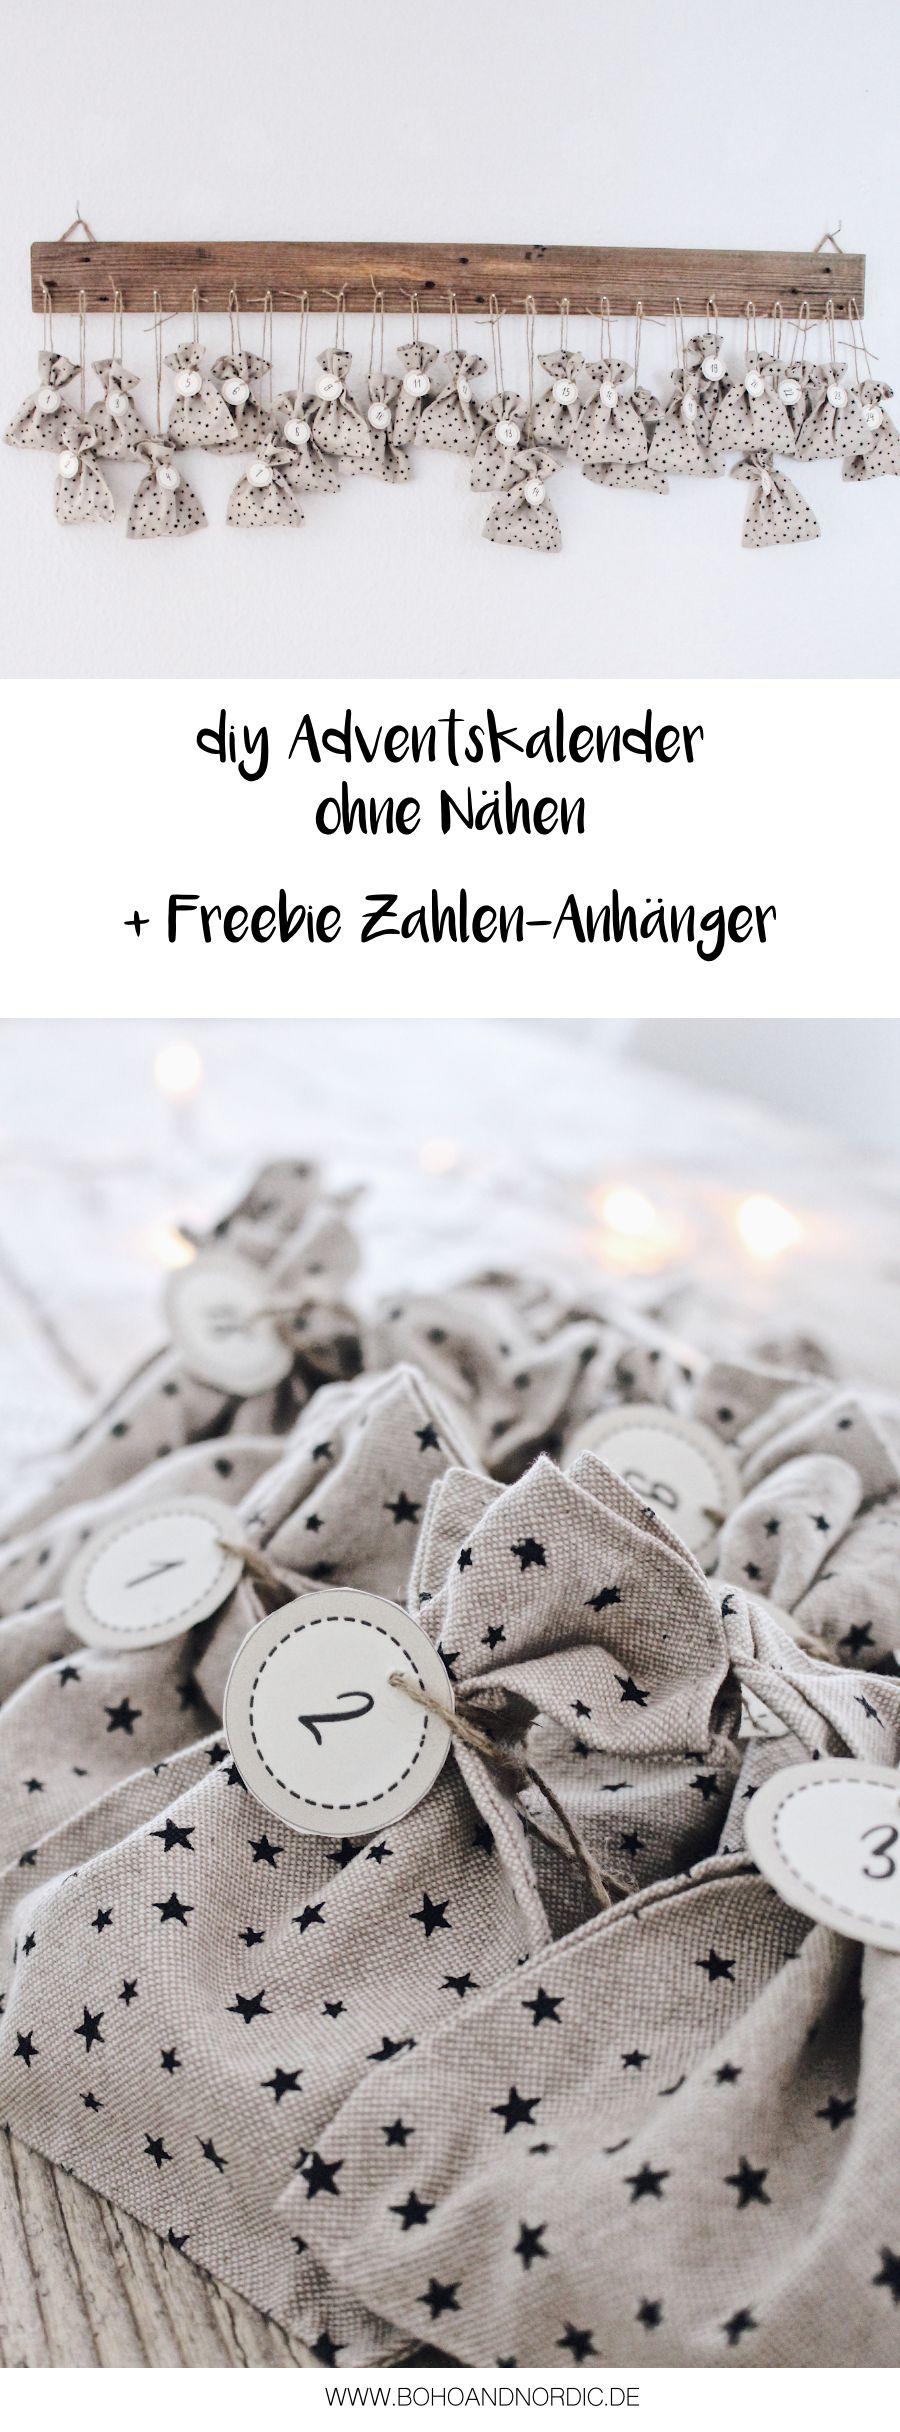 DIY Adventskalender basteln Freebie Zahlen zum Ausdrucken